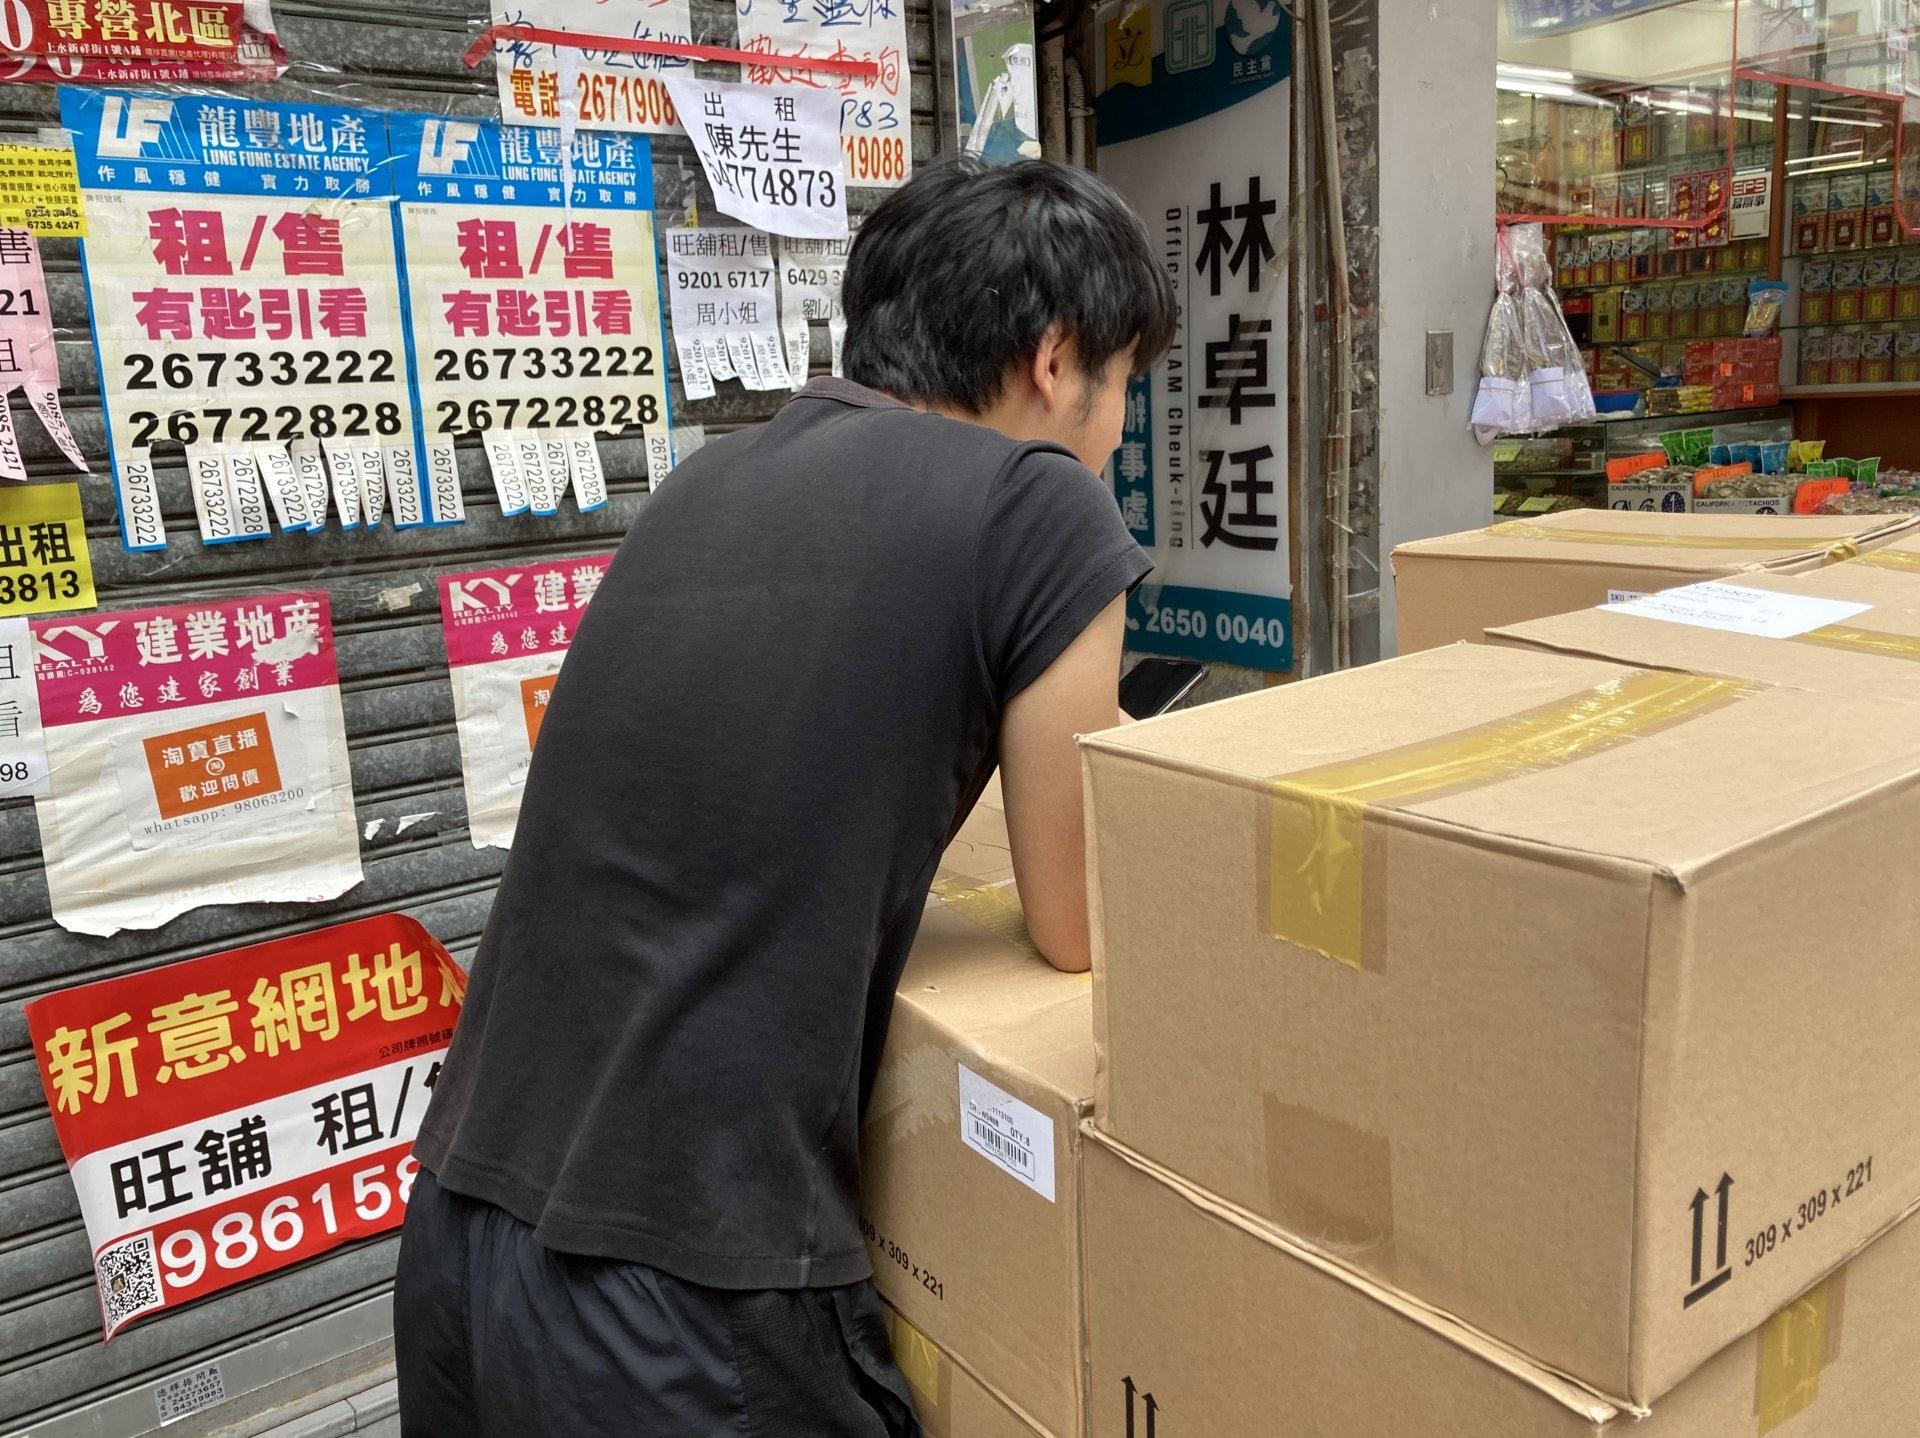 王先生透露,農曆新年後已失去藥房銷售員的工作,惟有轉行兼職送貨以維持收入。(歐陽德浩攝)